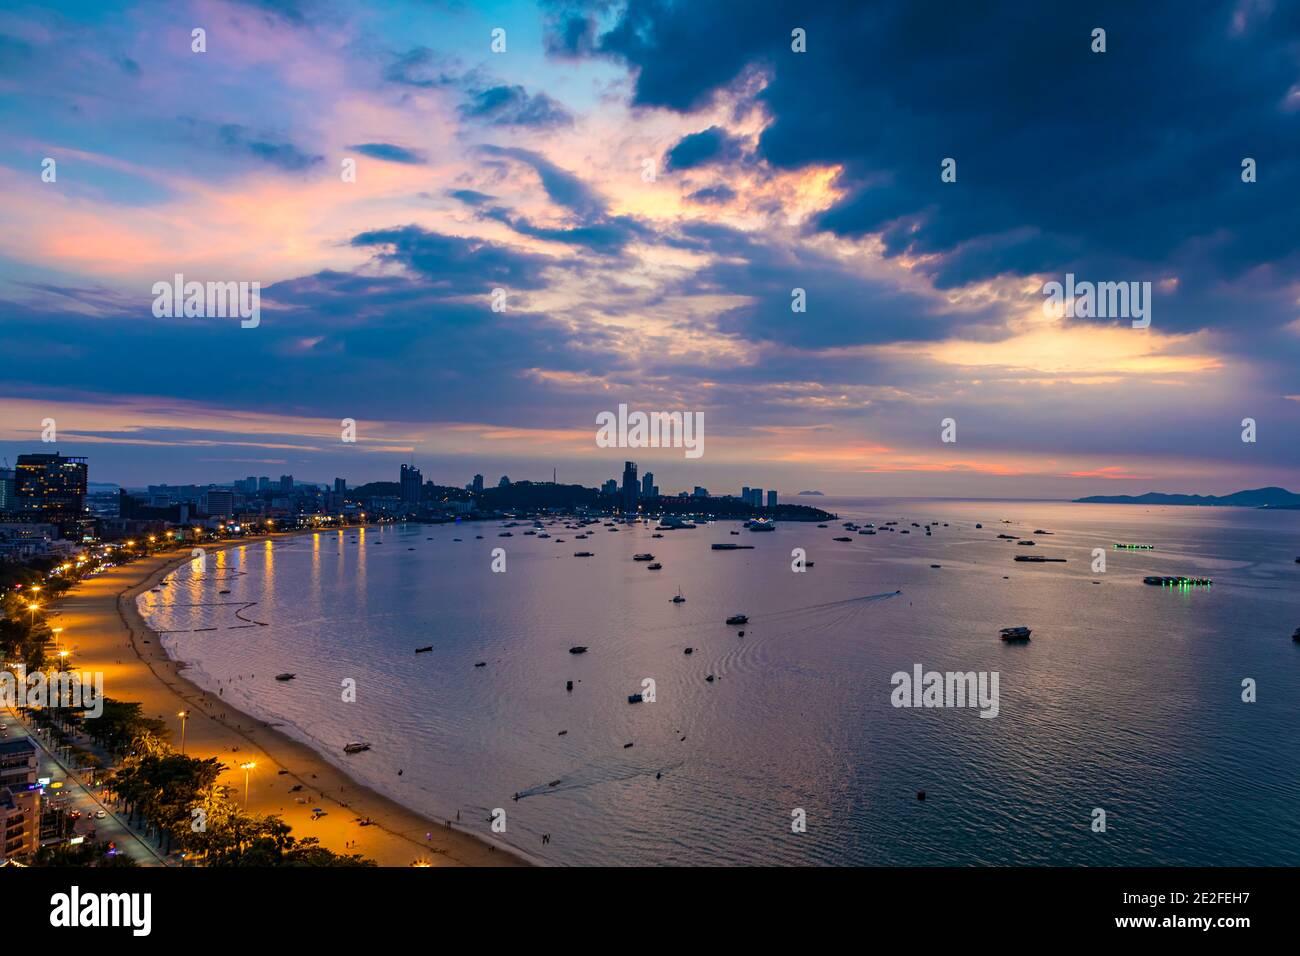 Paisaje nocturno de la playa y el mar de Pattaya, Chon Buri, ThailandPattaya, Chon Buri, Tailandia Foto de stock